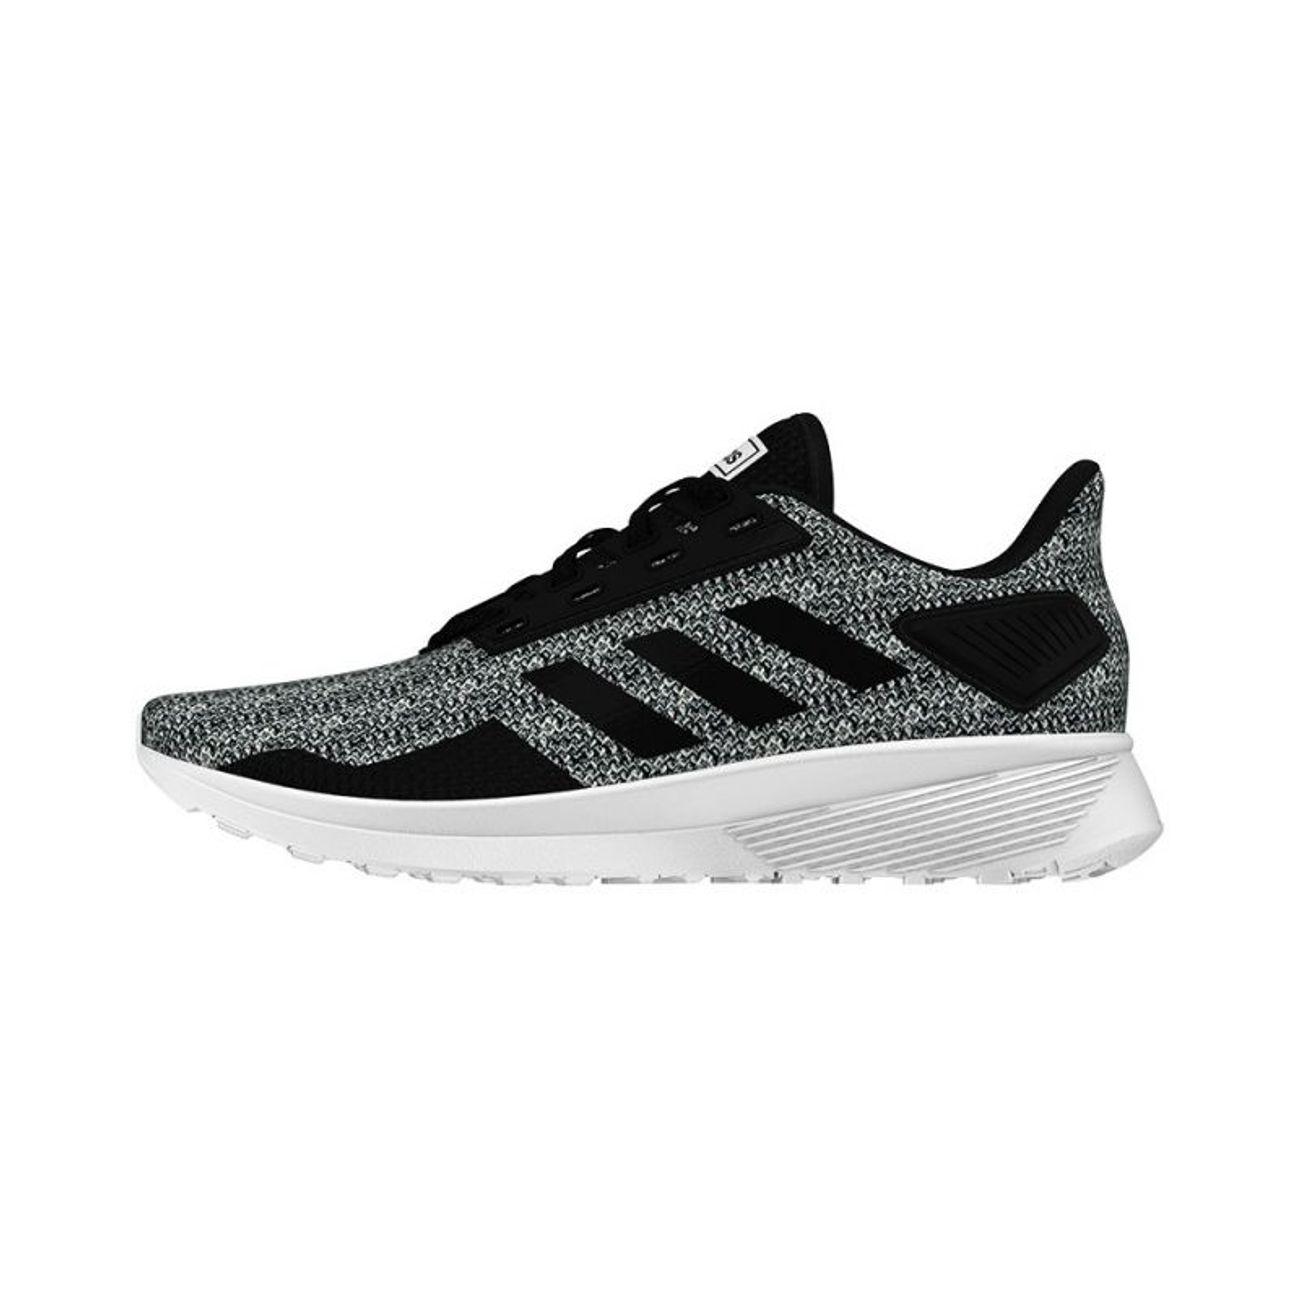 Adulte Adidas 9 Bb6917 Blanc Running Negro Duramo bfvy7Yg6